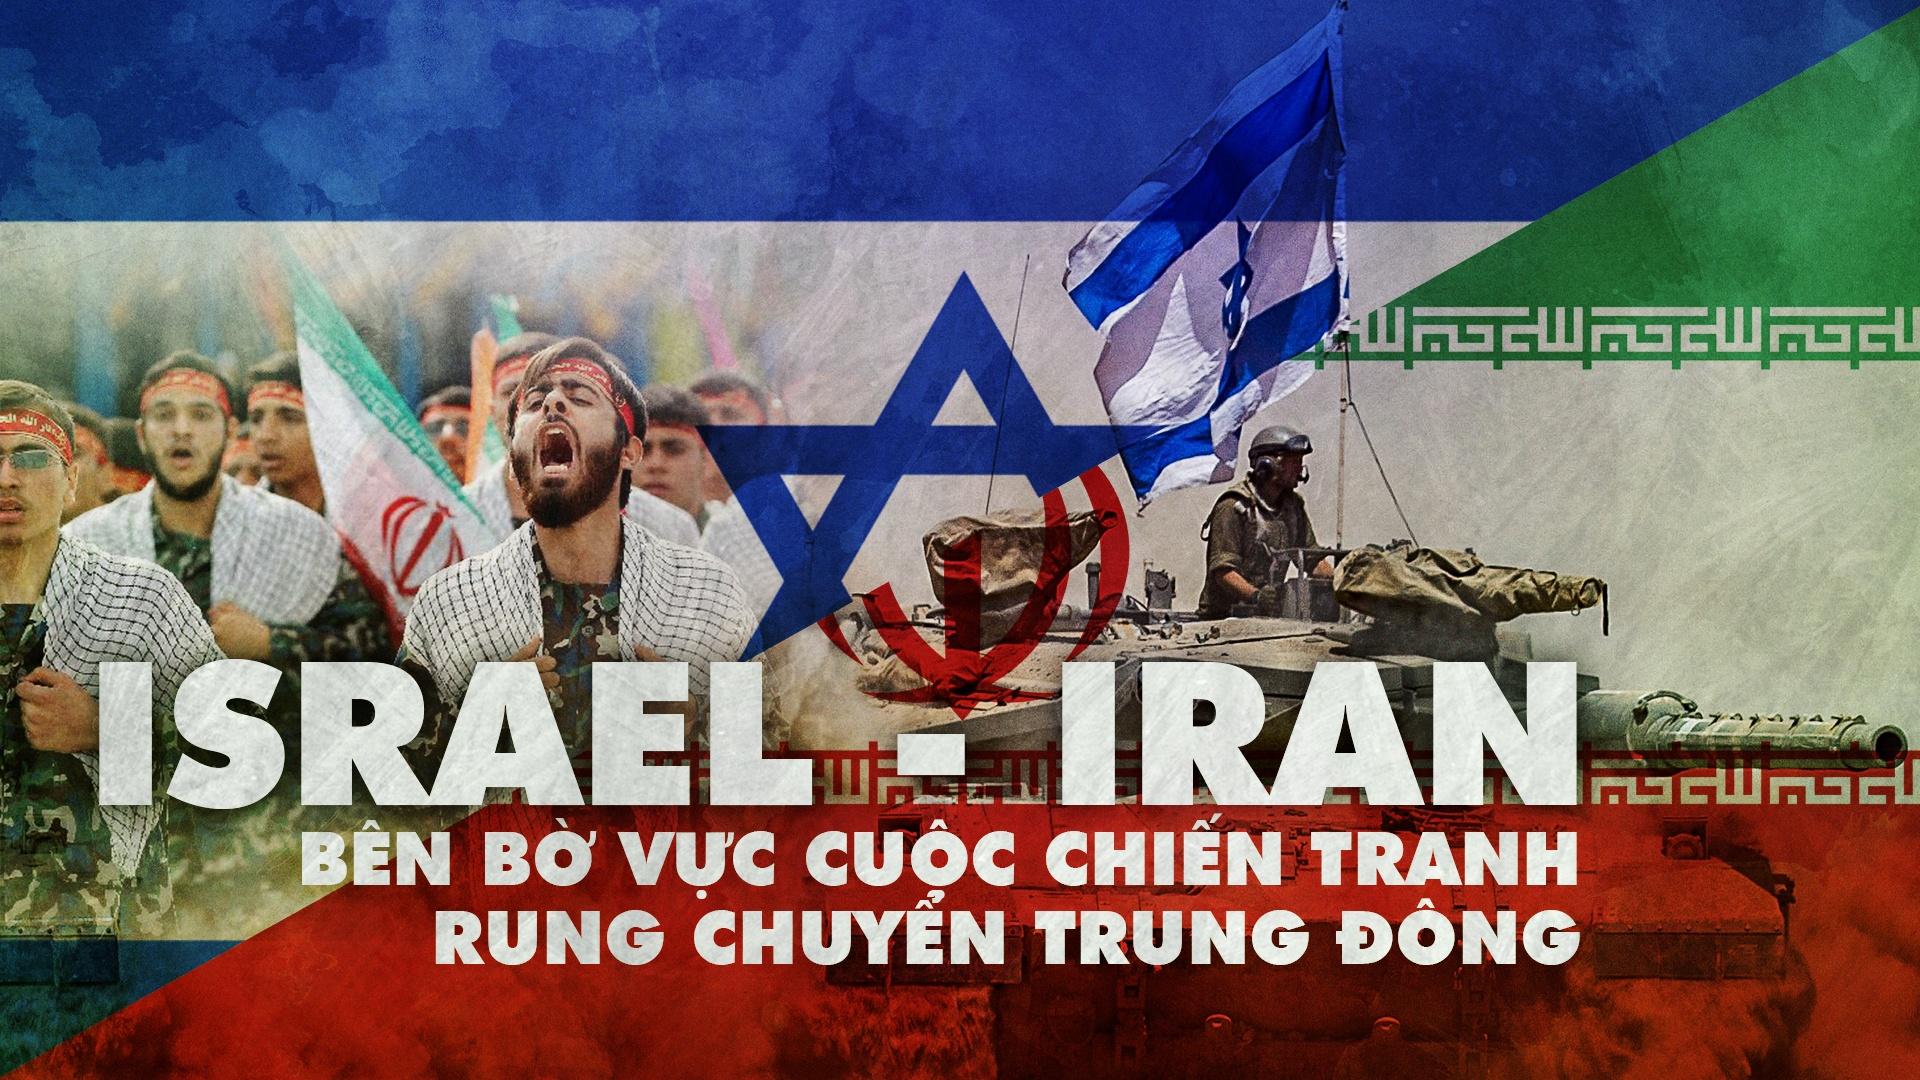 Iran - Israel: Ben mieng ho chien tranh rung chuyen Trung Dong hinh anh 2